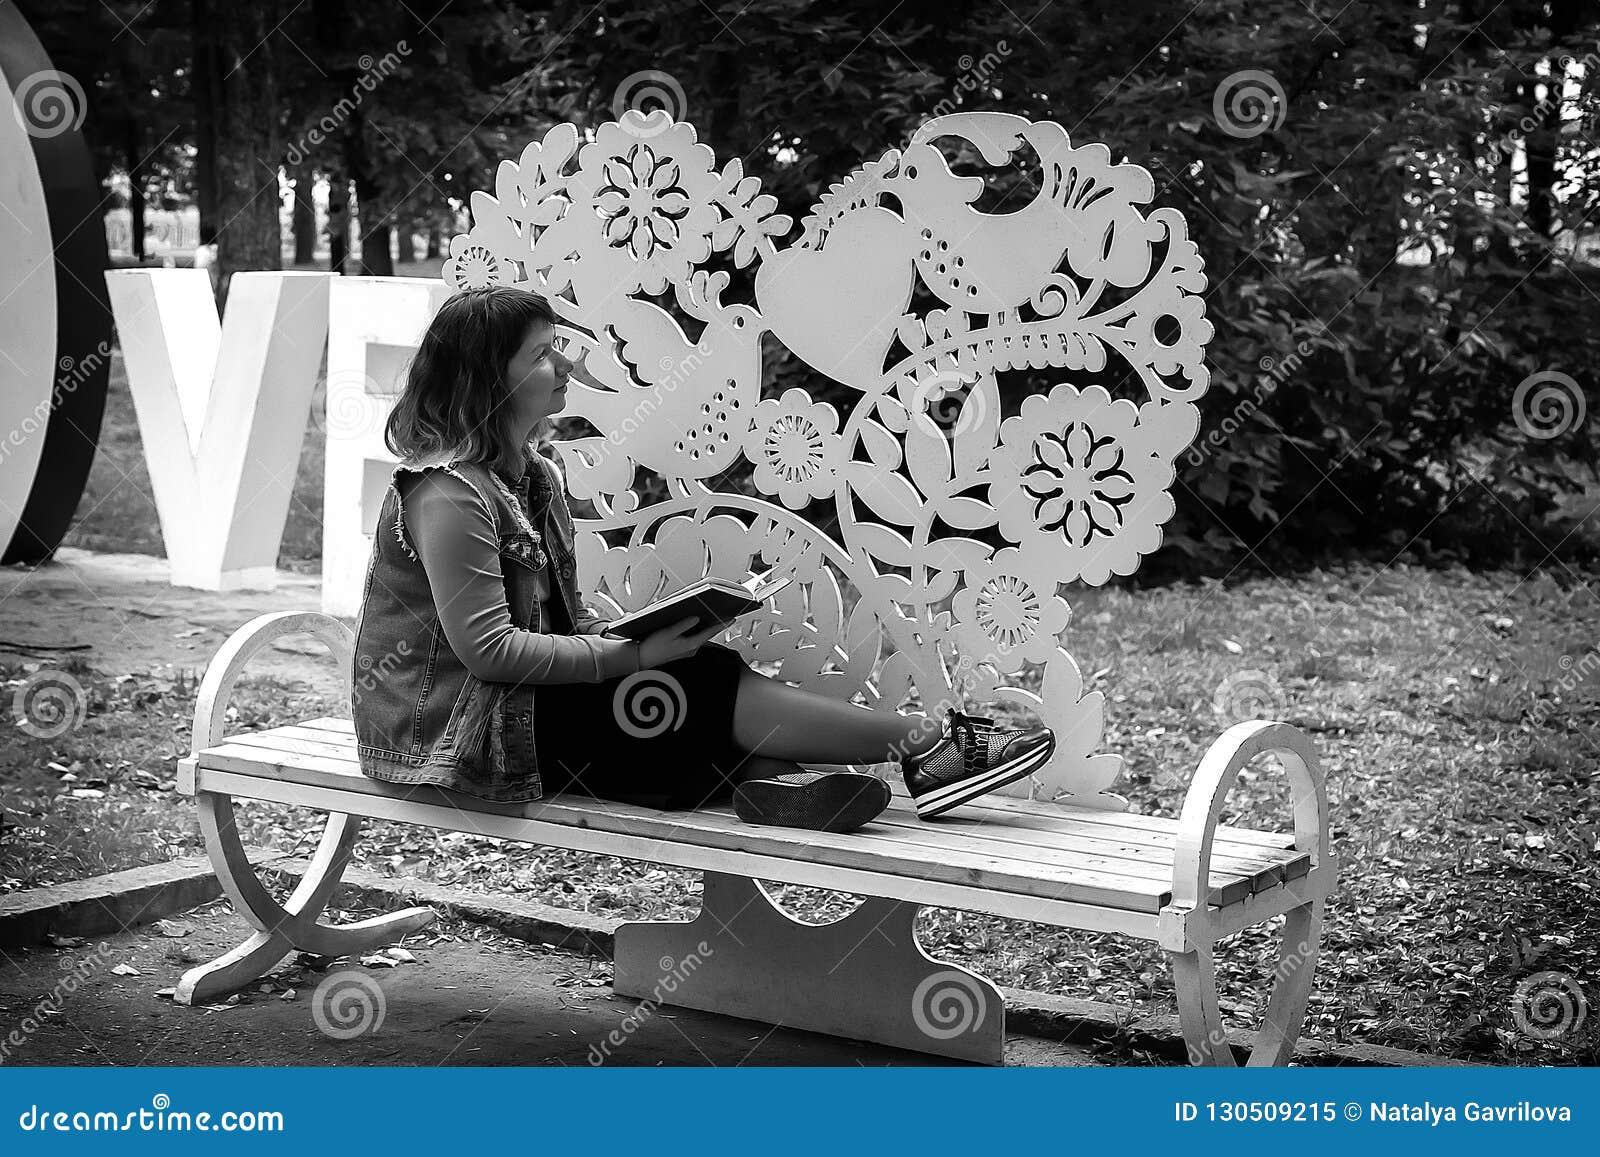 Mädchen auf einer Bank im Park mit einem Buch in ihren Händen, Schwarzweiss-Foto